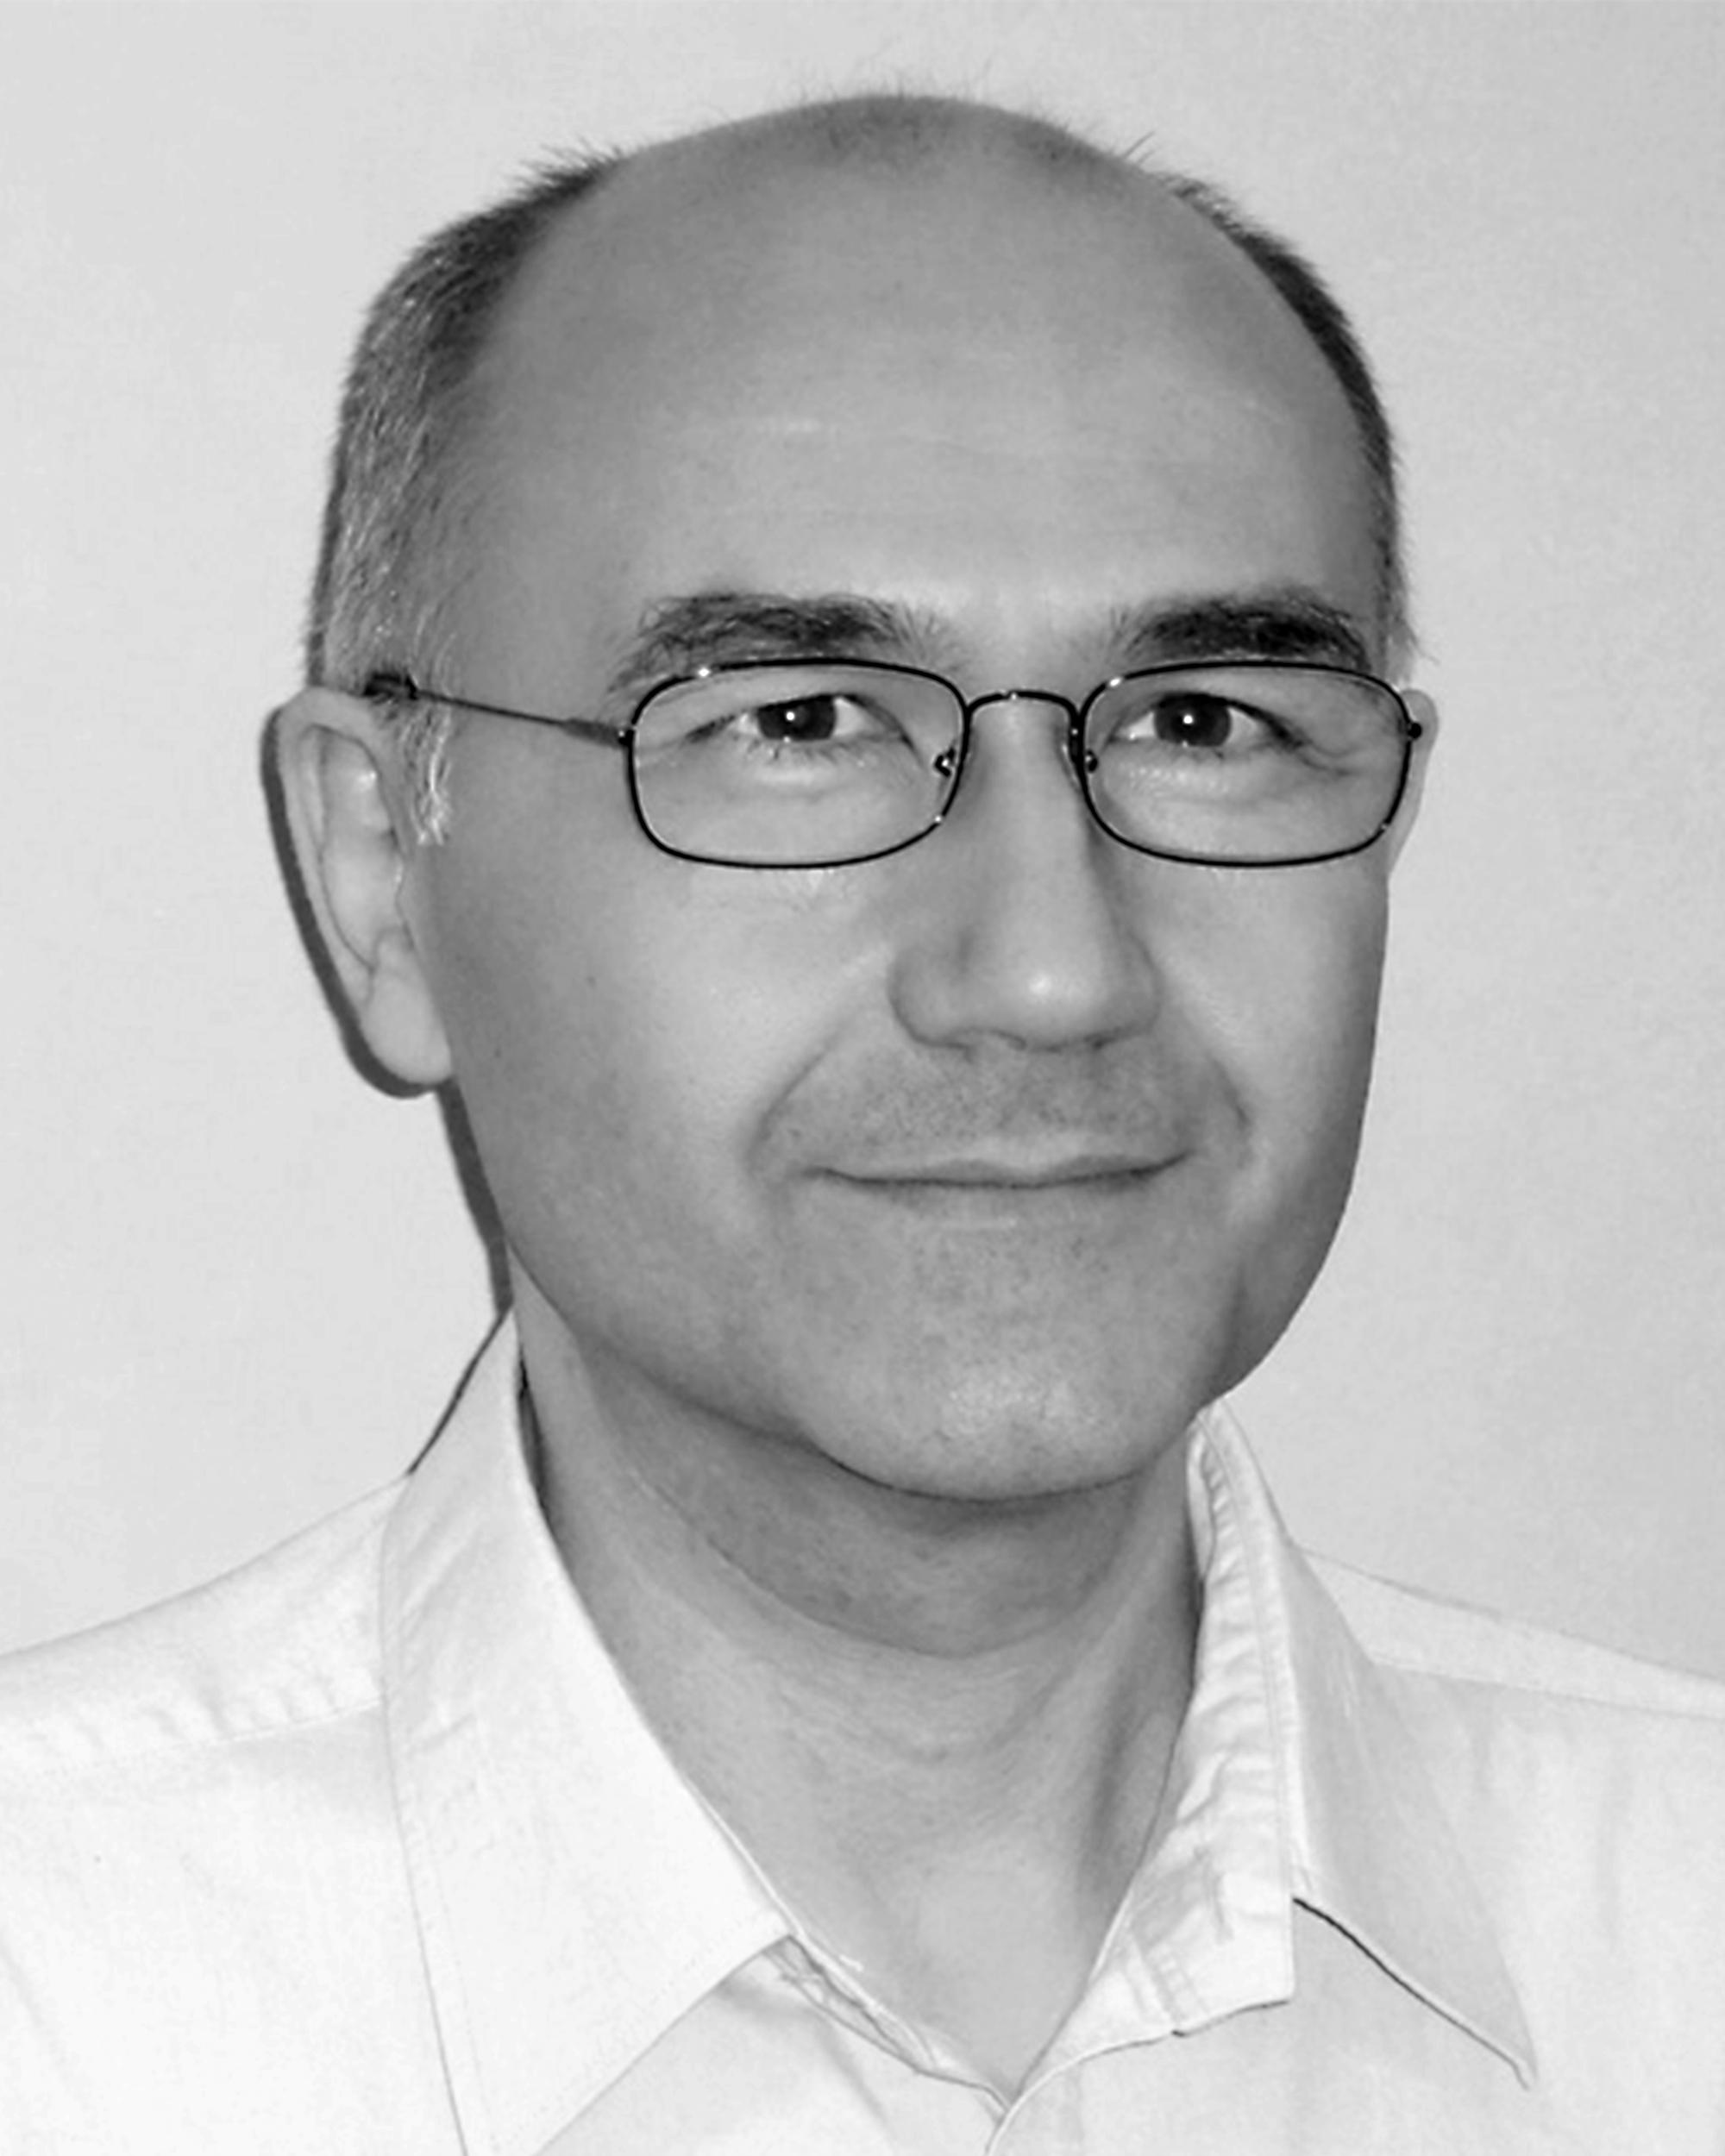 Headshot of Liviu Birjega